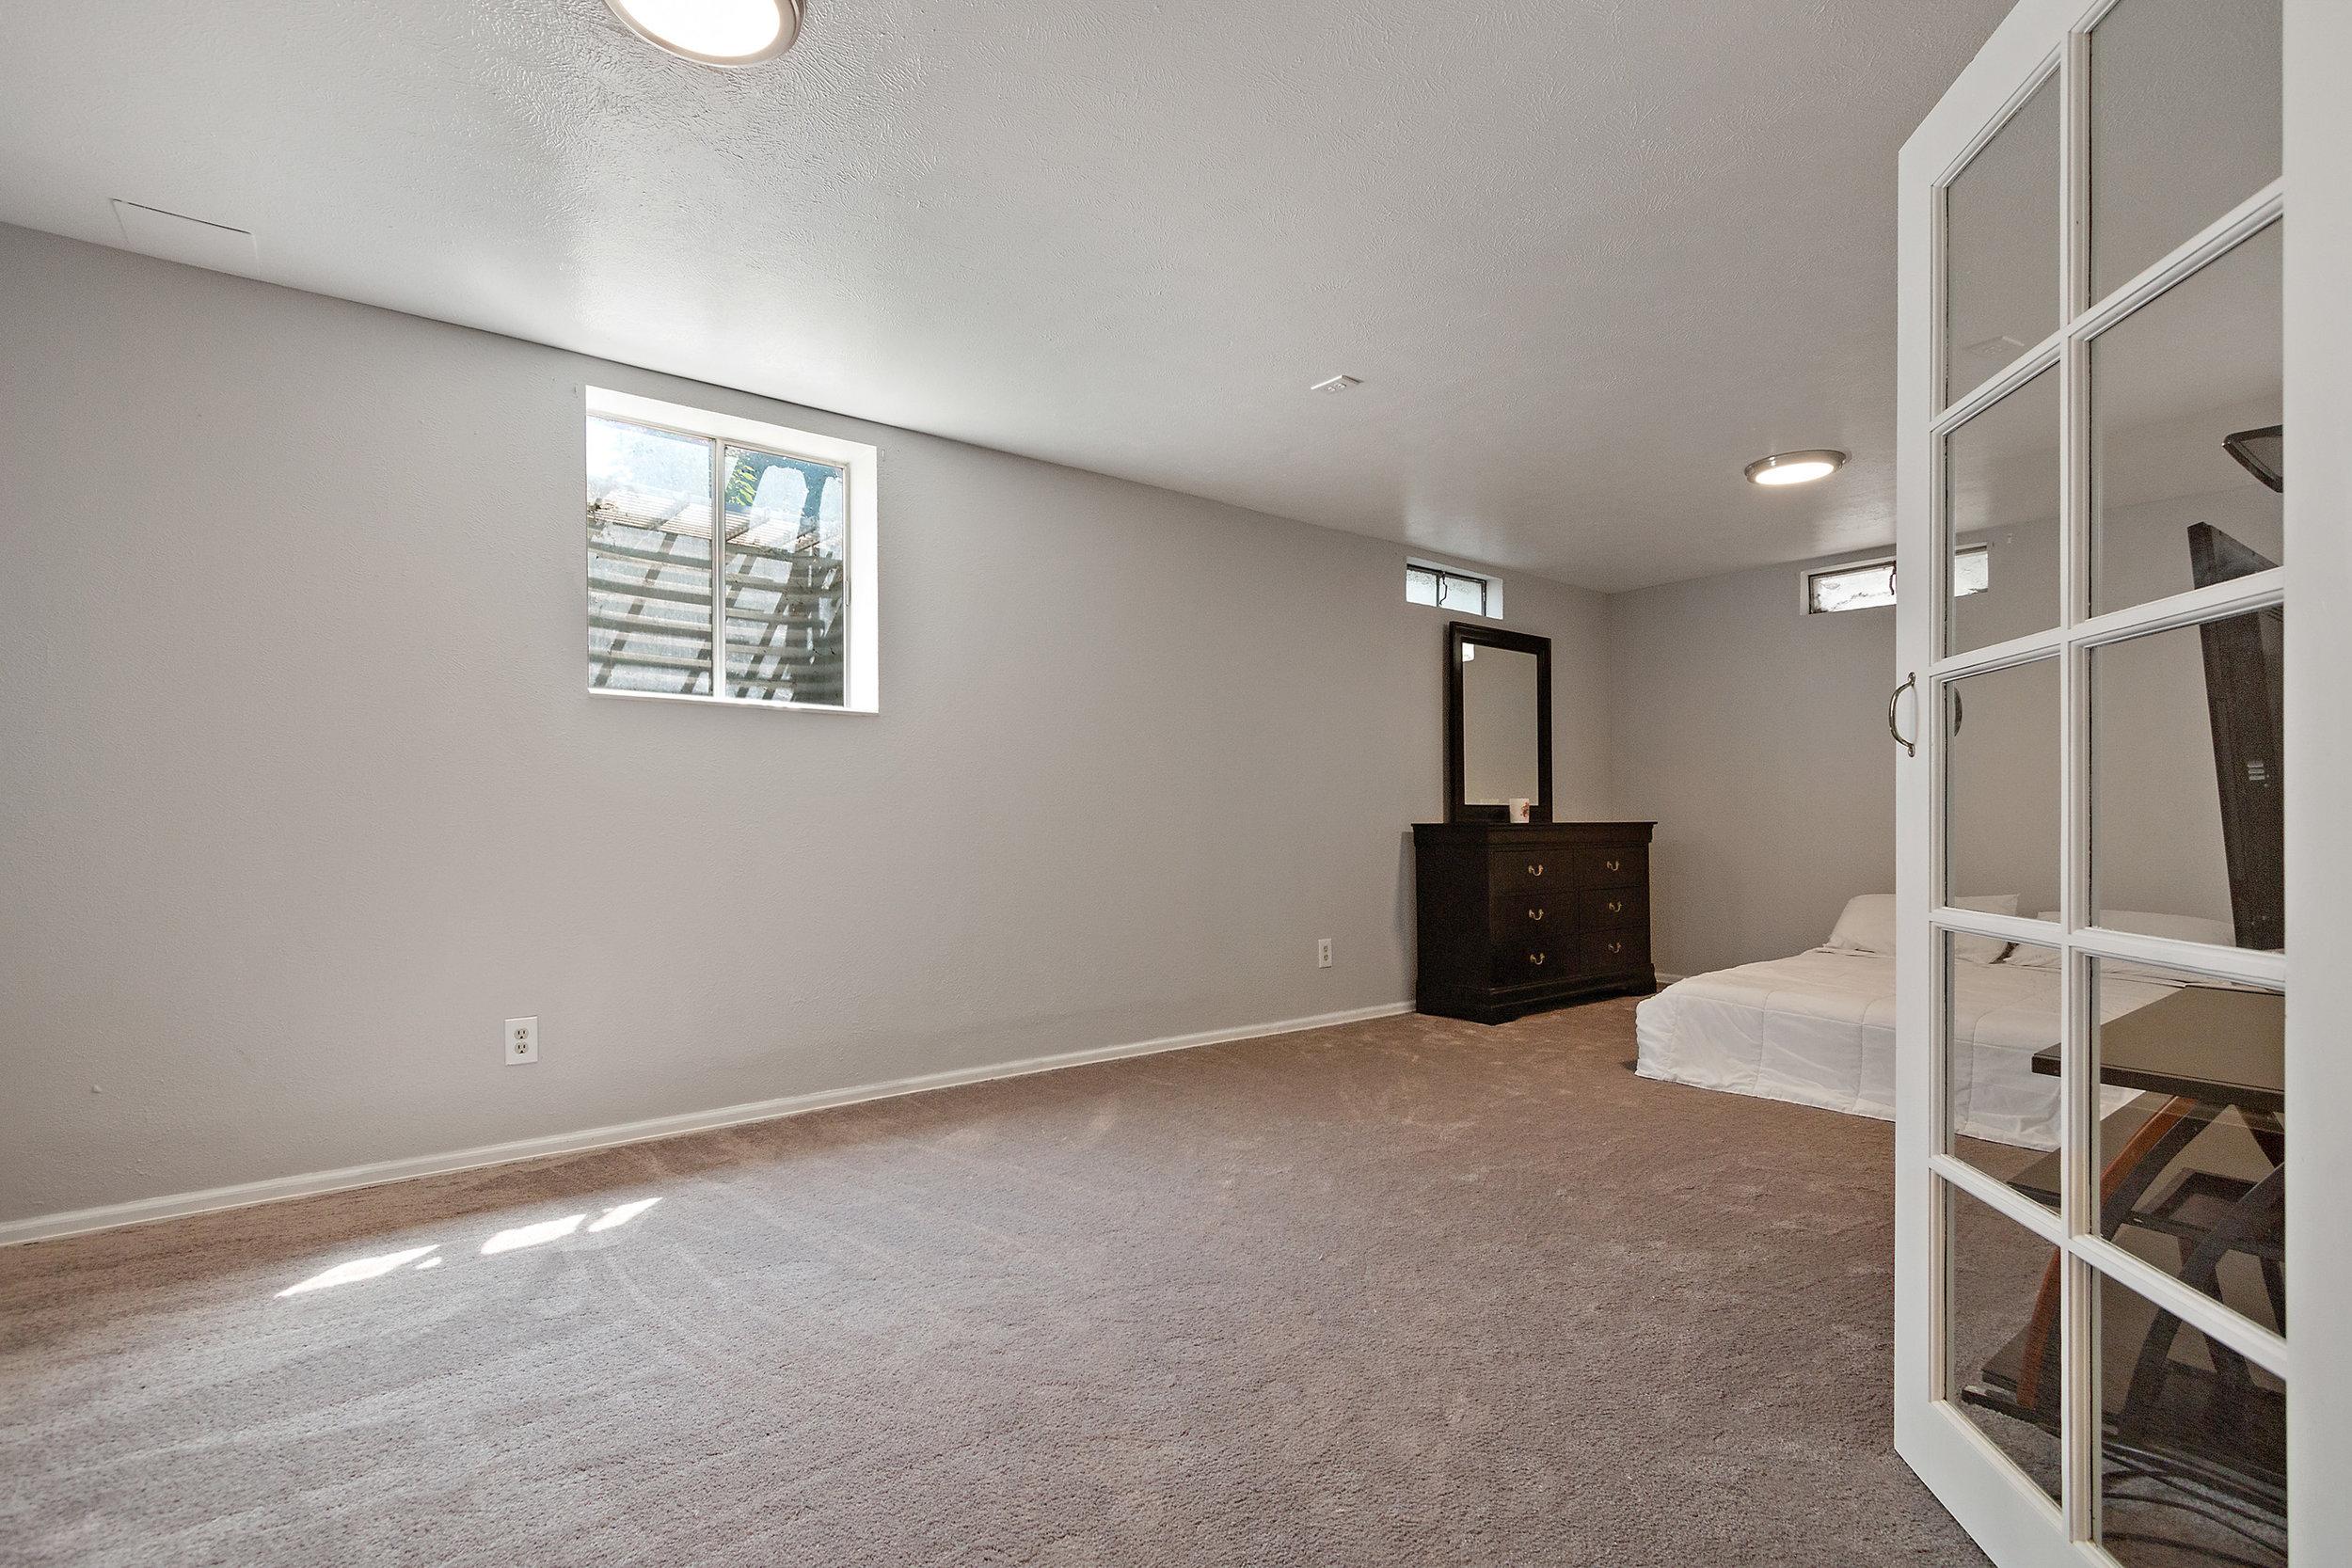 15-Lower Bedroom Flex Space .jpg